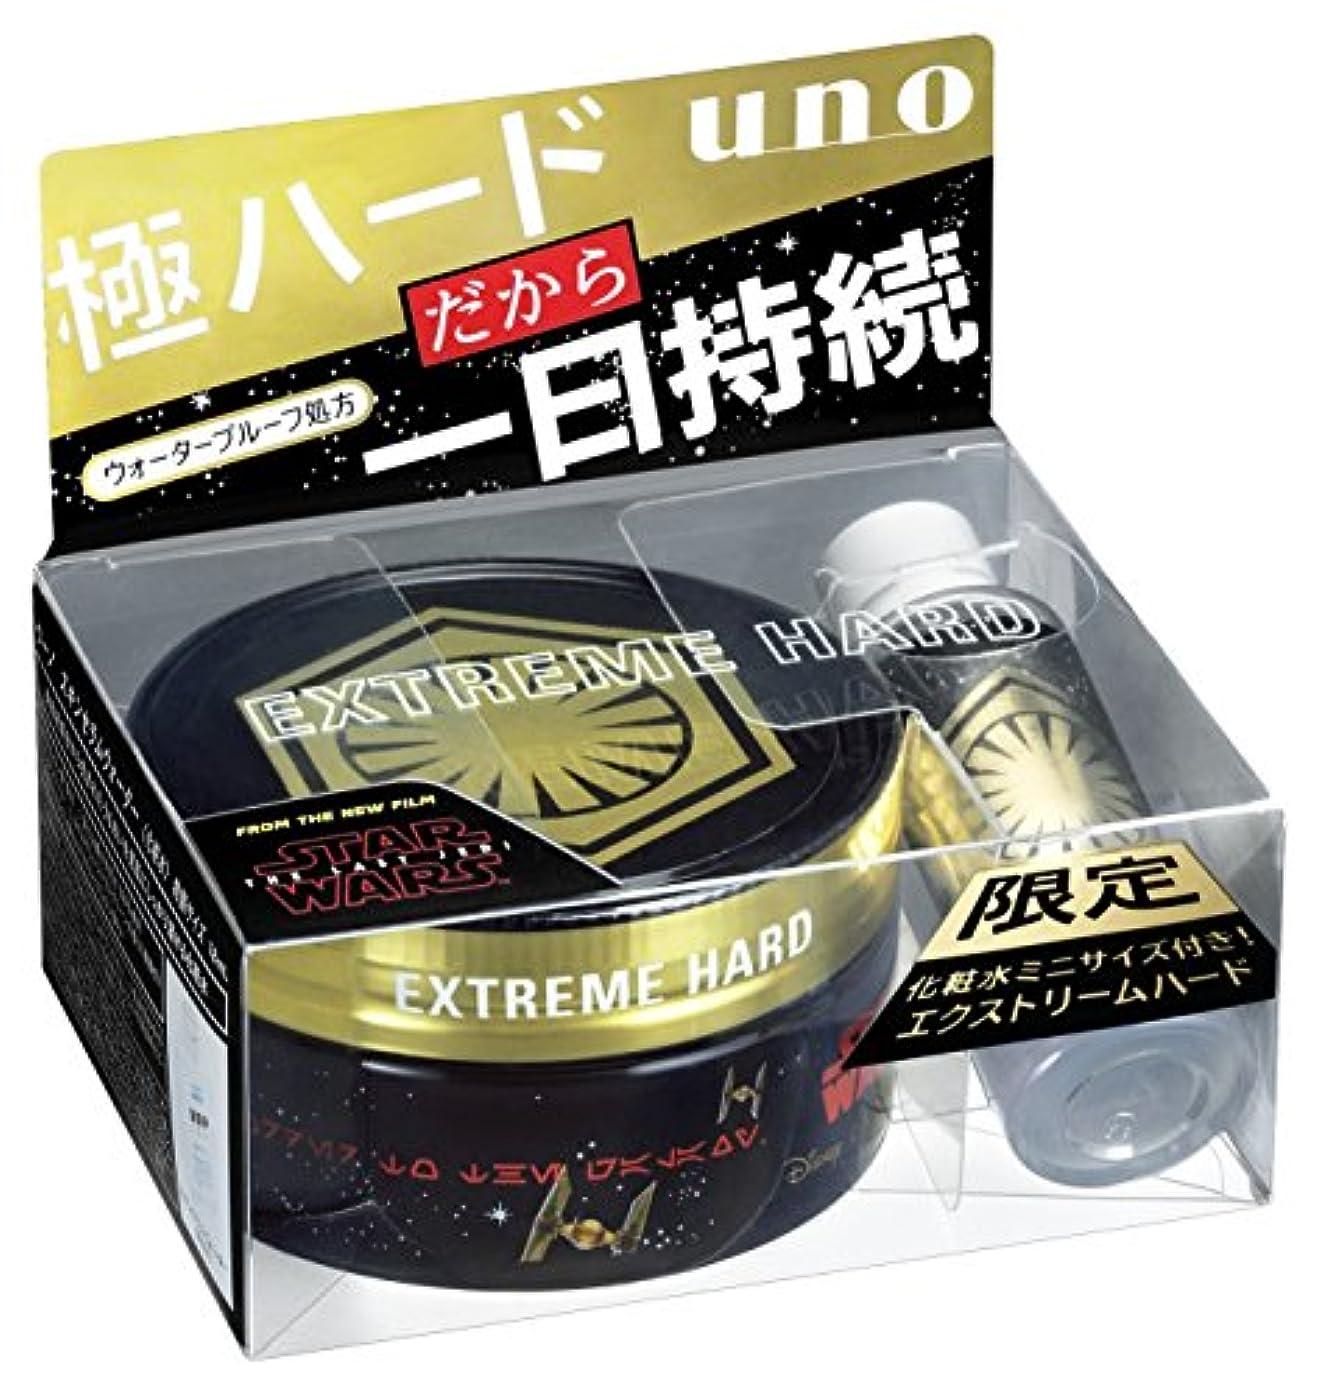 ネスト勇者説明uno(ウーノ) ウーノ エクストリームハード ワックス 80g スキンセラムウォーターミニボトル付(スターウォーズEp8)